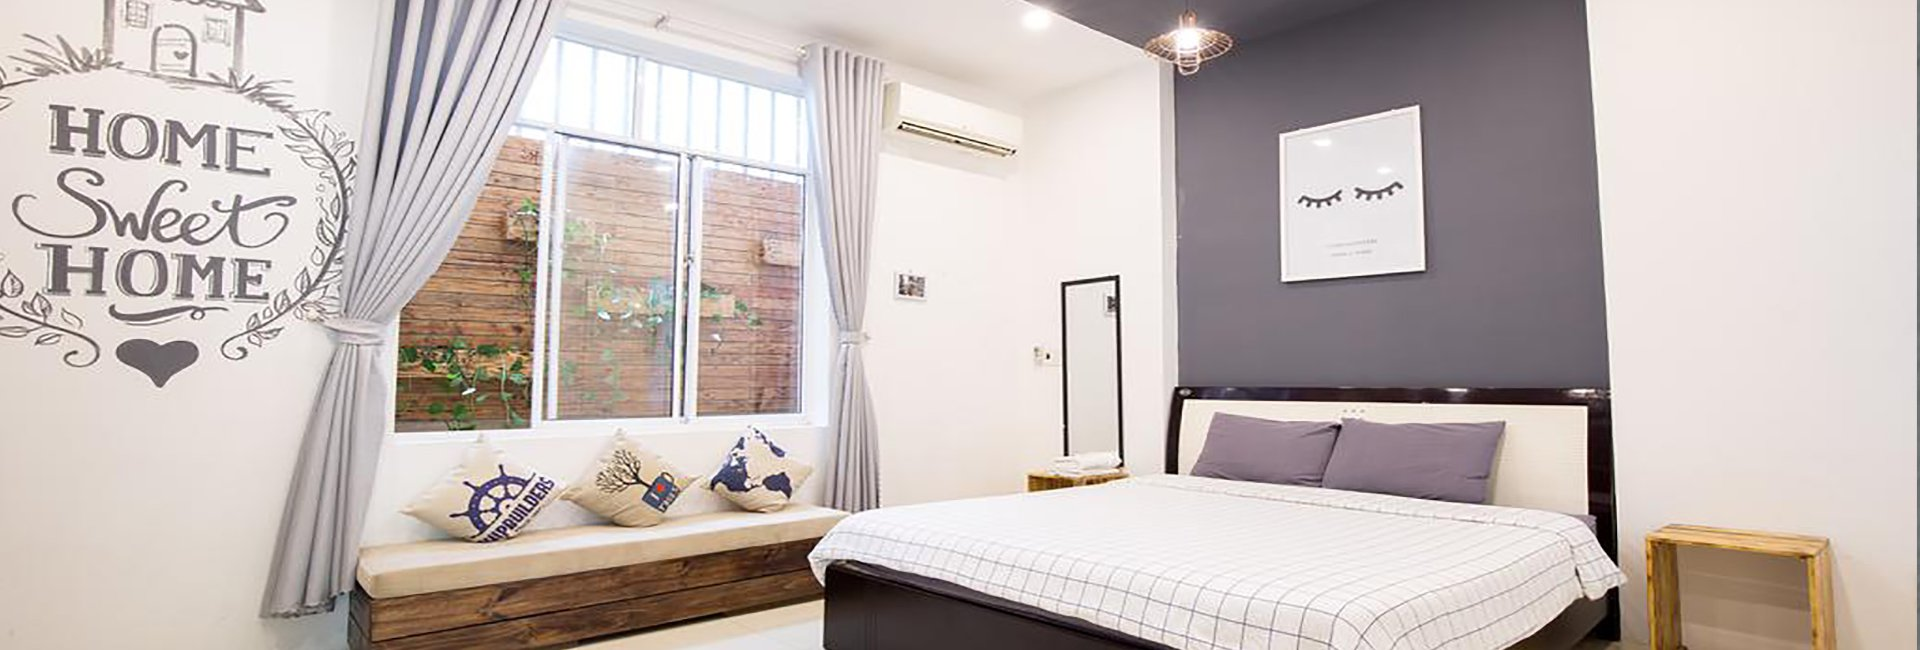 Top 13 homestay siêu đẹp, tốt nhất tại Đà Nẵng